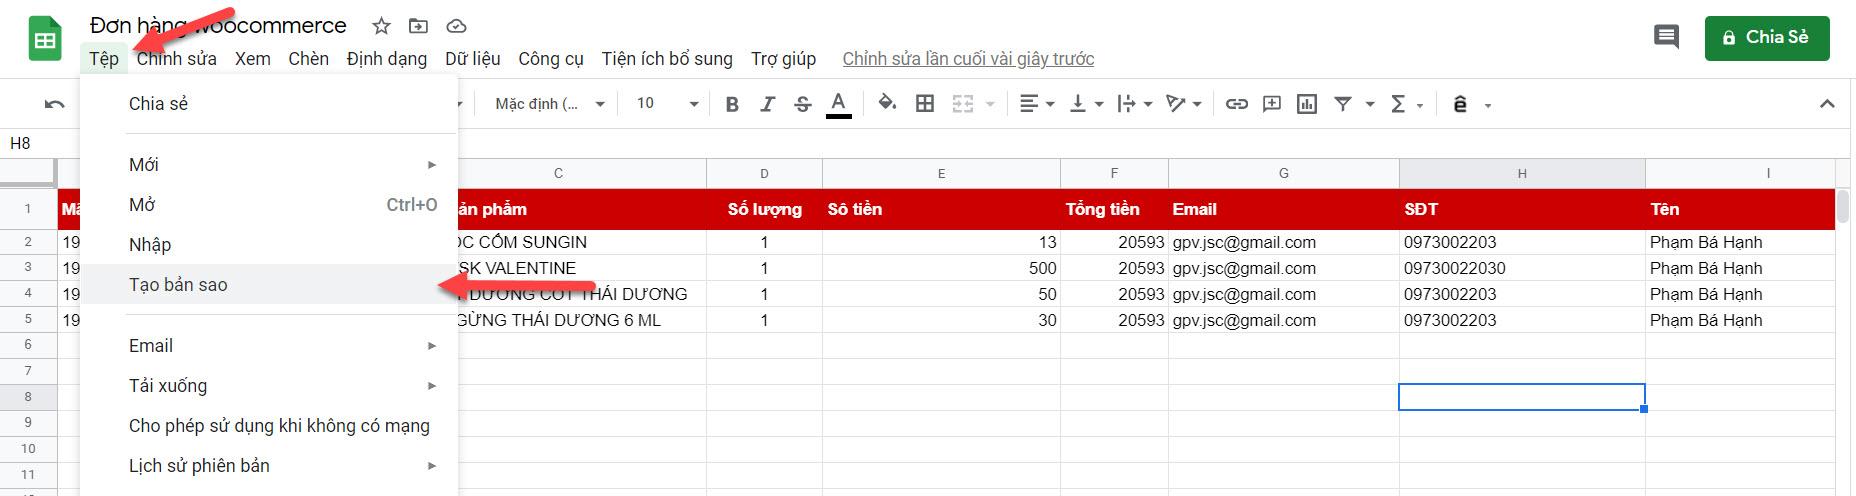 tao-ban-sao-google-sheet.jpg